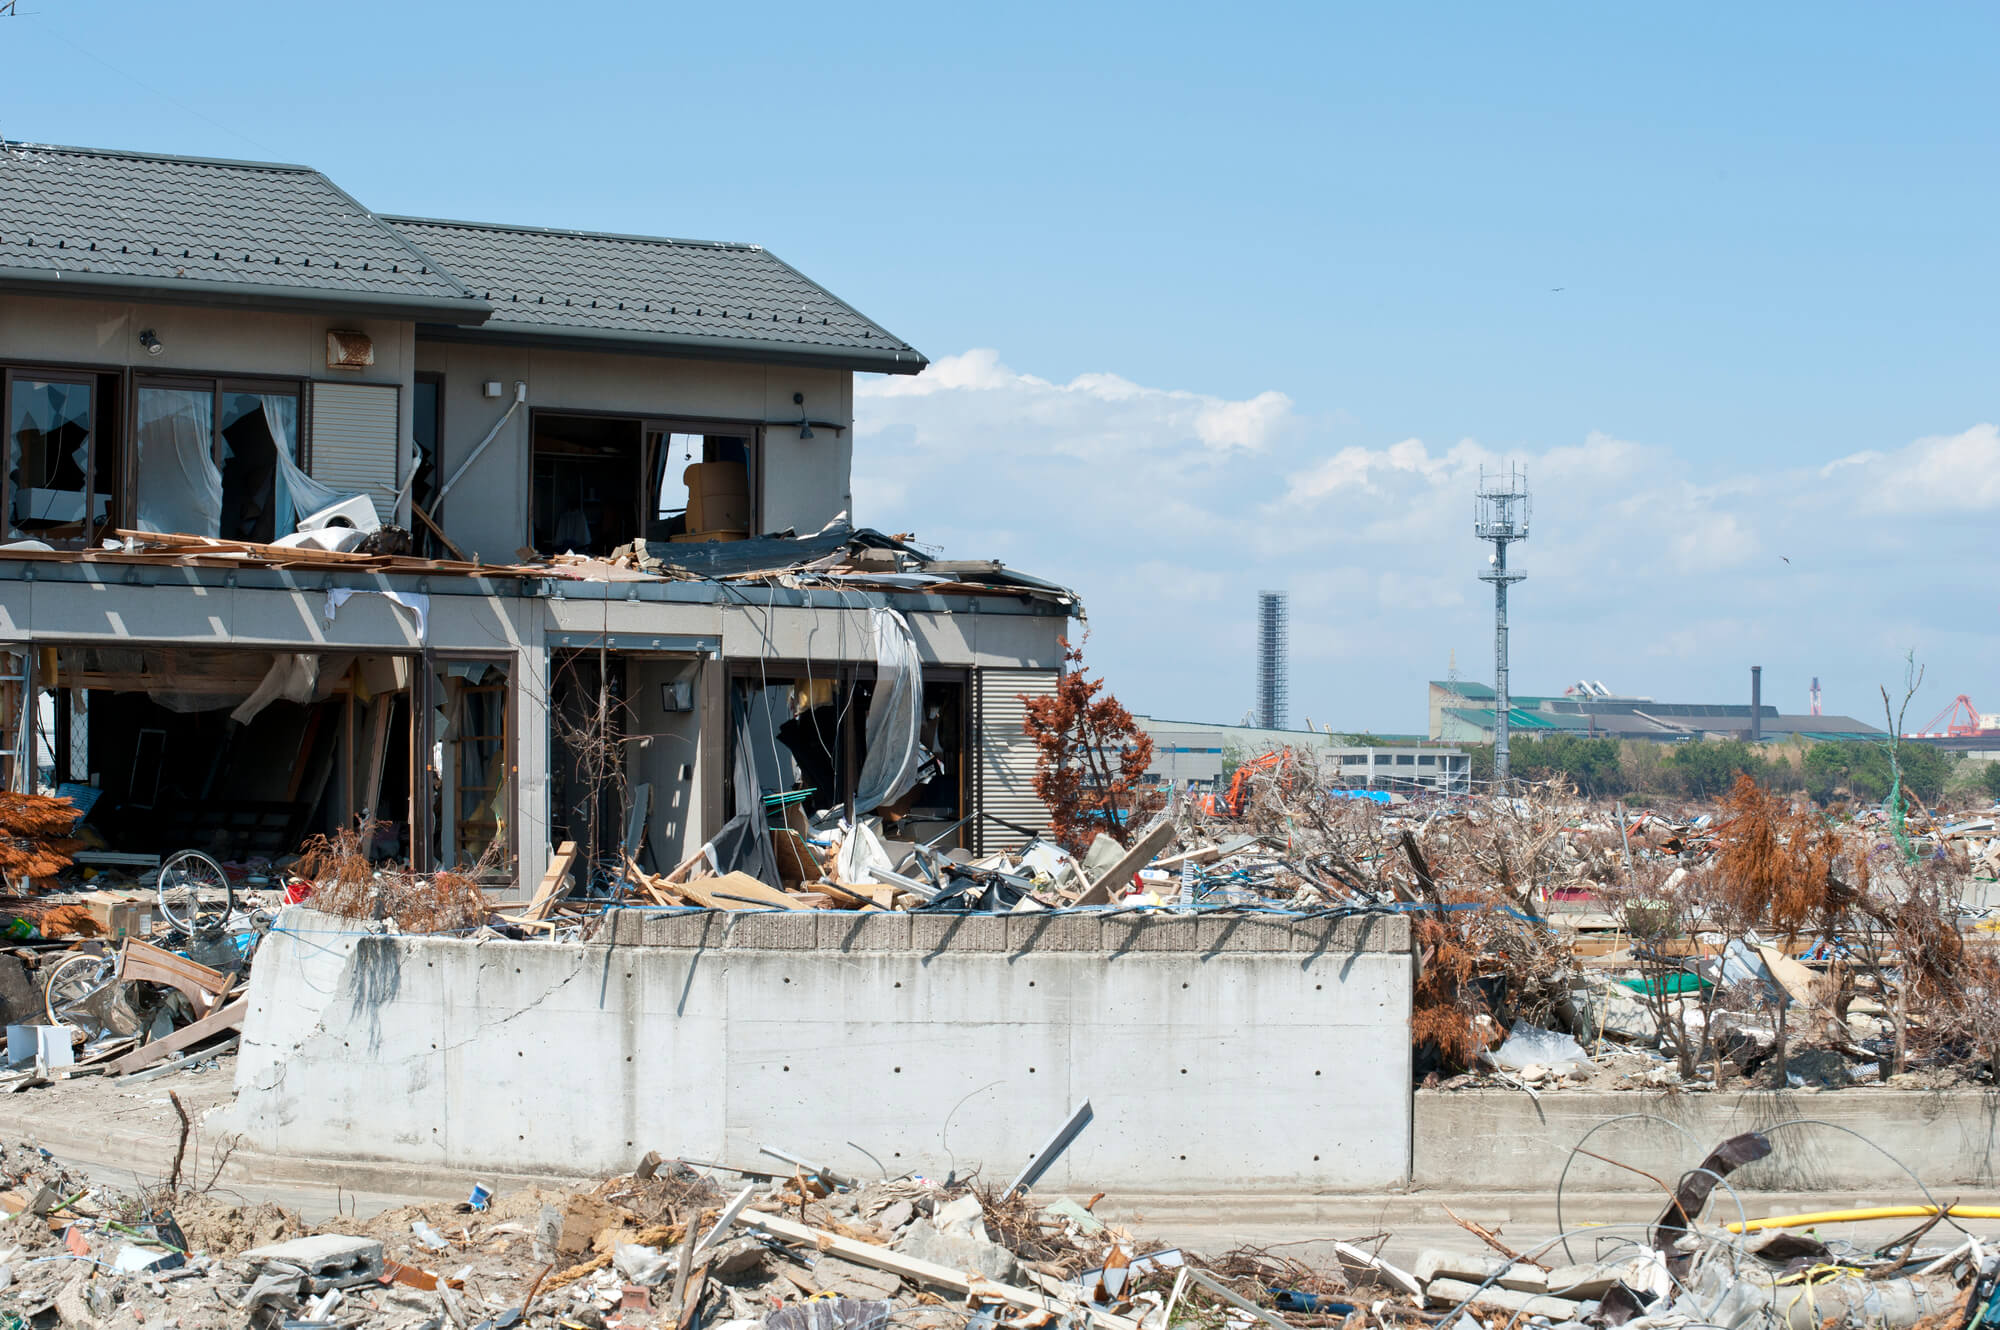 災害大国の日本で、不動産投資家は台風や地震をどう対策すべきか